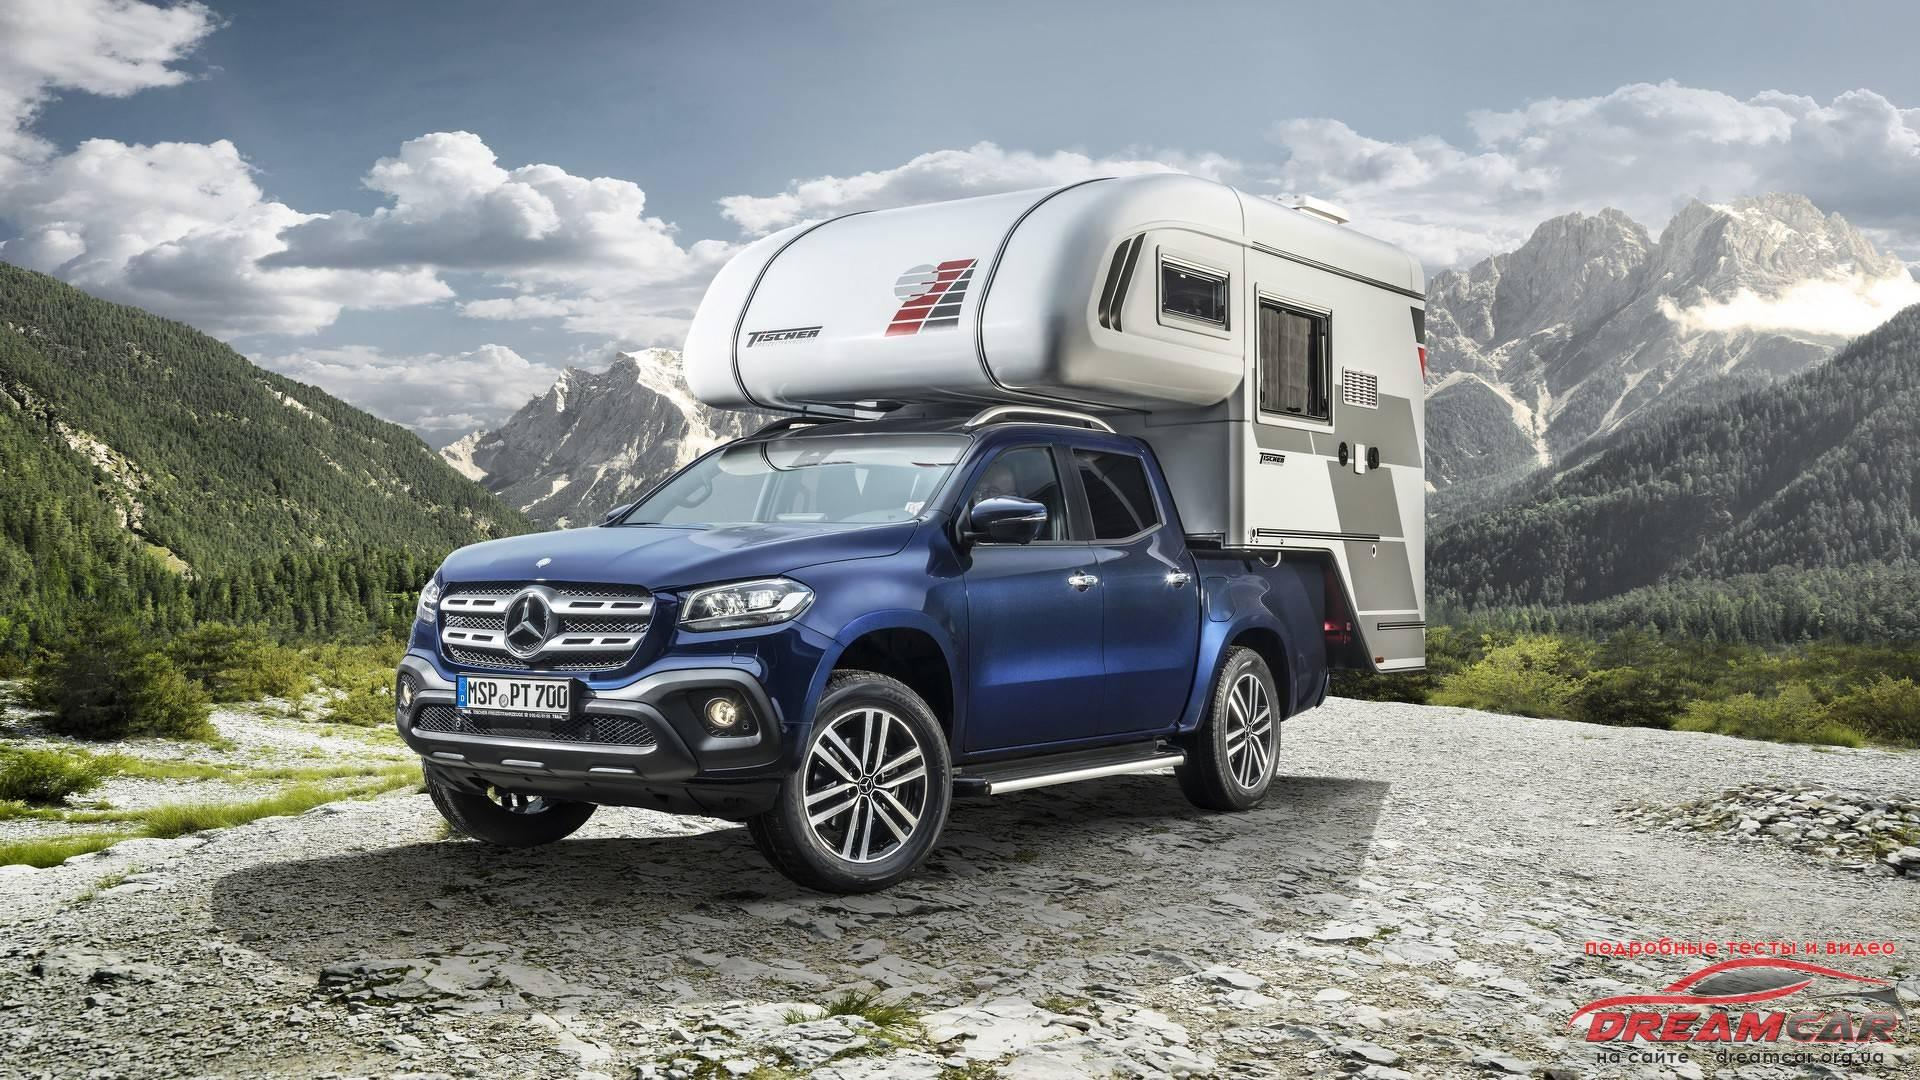 Erste Reisemobilkonzepte auf Mercedes-Benz X-Klasse Basis: Absetzkabine von Tischer First camper van concepts on Mercedes-Benz X-Class base: demountable cabine by Tischer